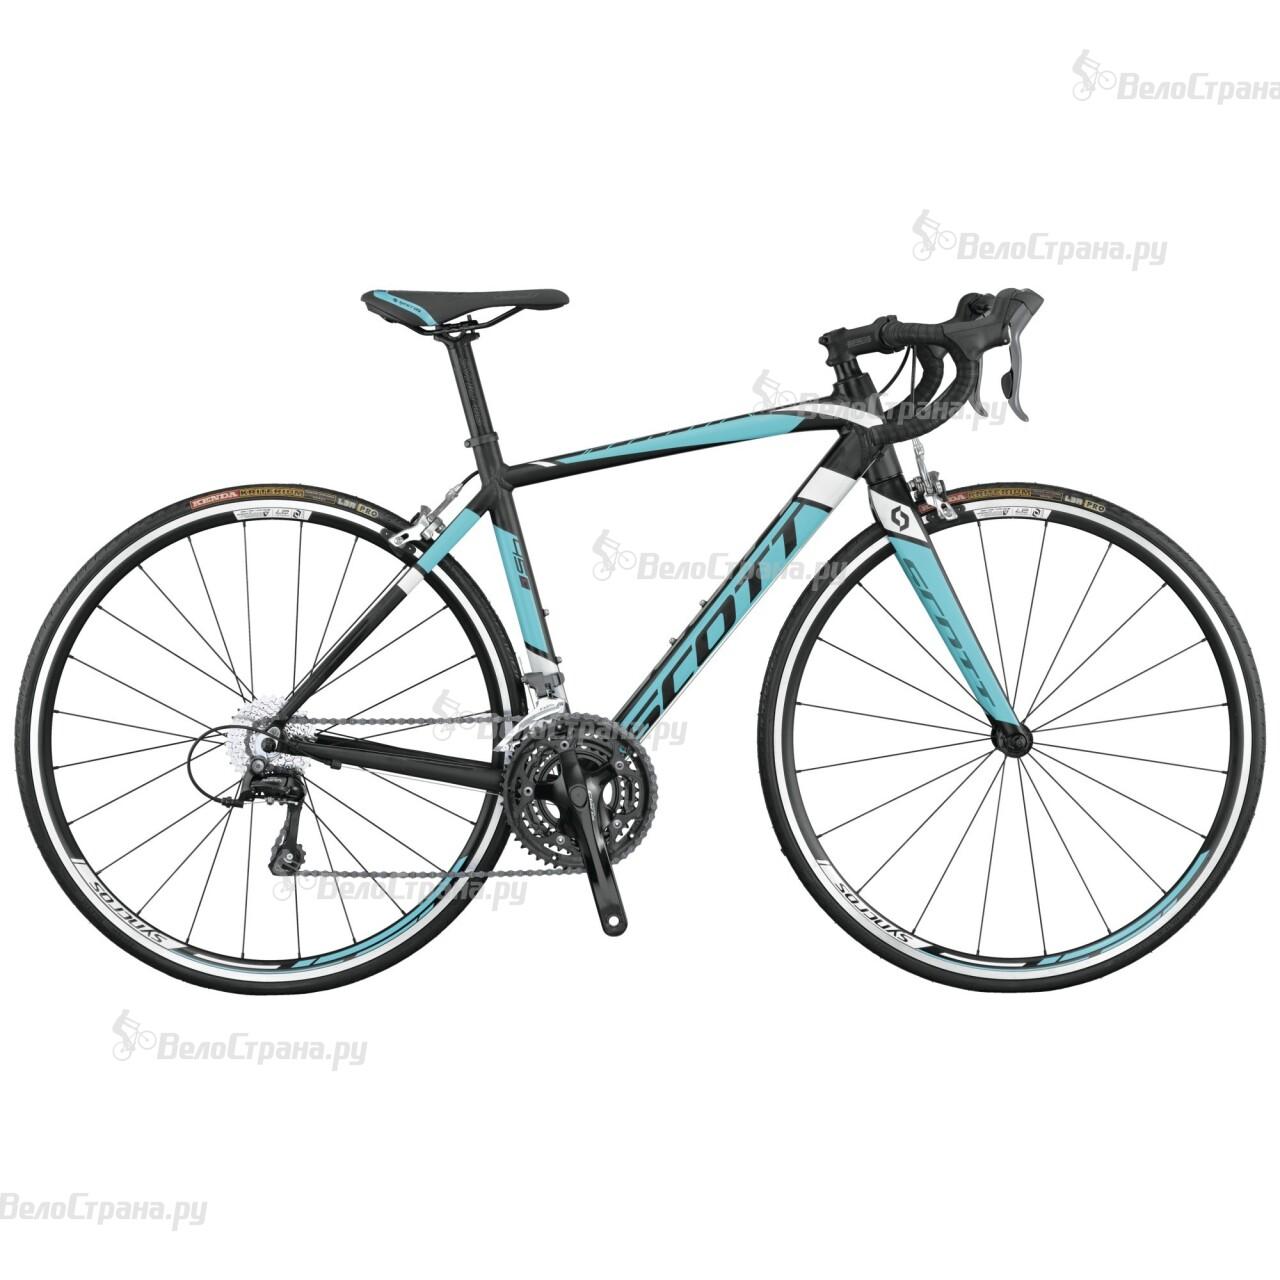 Велосипед Scott Contessa Speedster 45 (2015) велосипед scott contessa solace 15 compact 2015